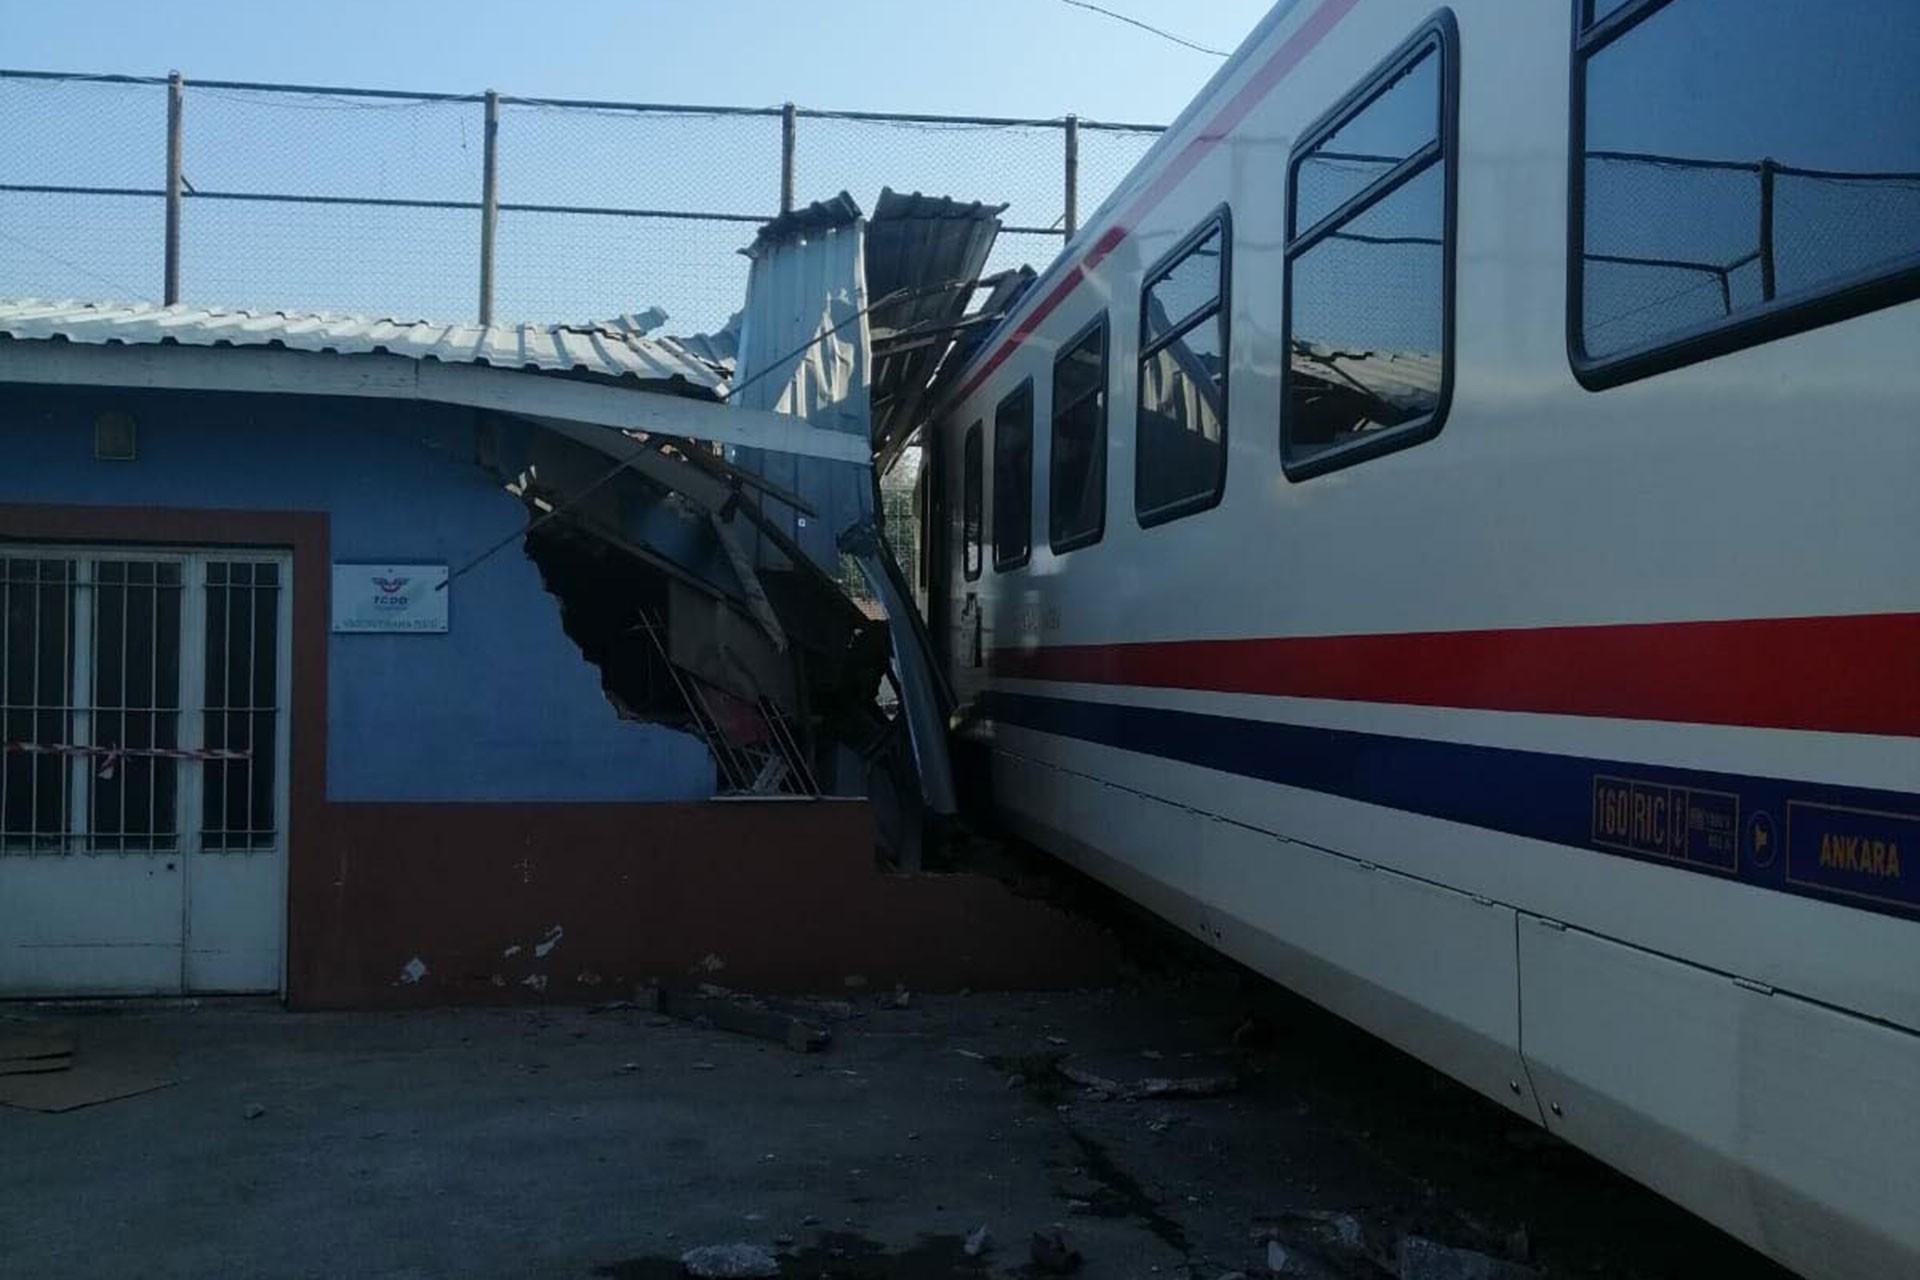 İzmir'de yolcu treni bakım atölyesindeki odaya çarptı: 1 işçi yaralı